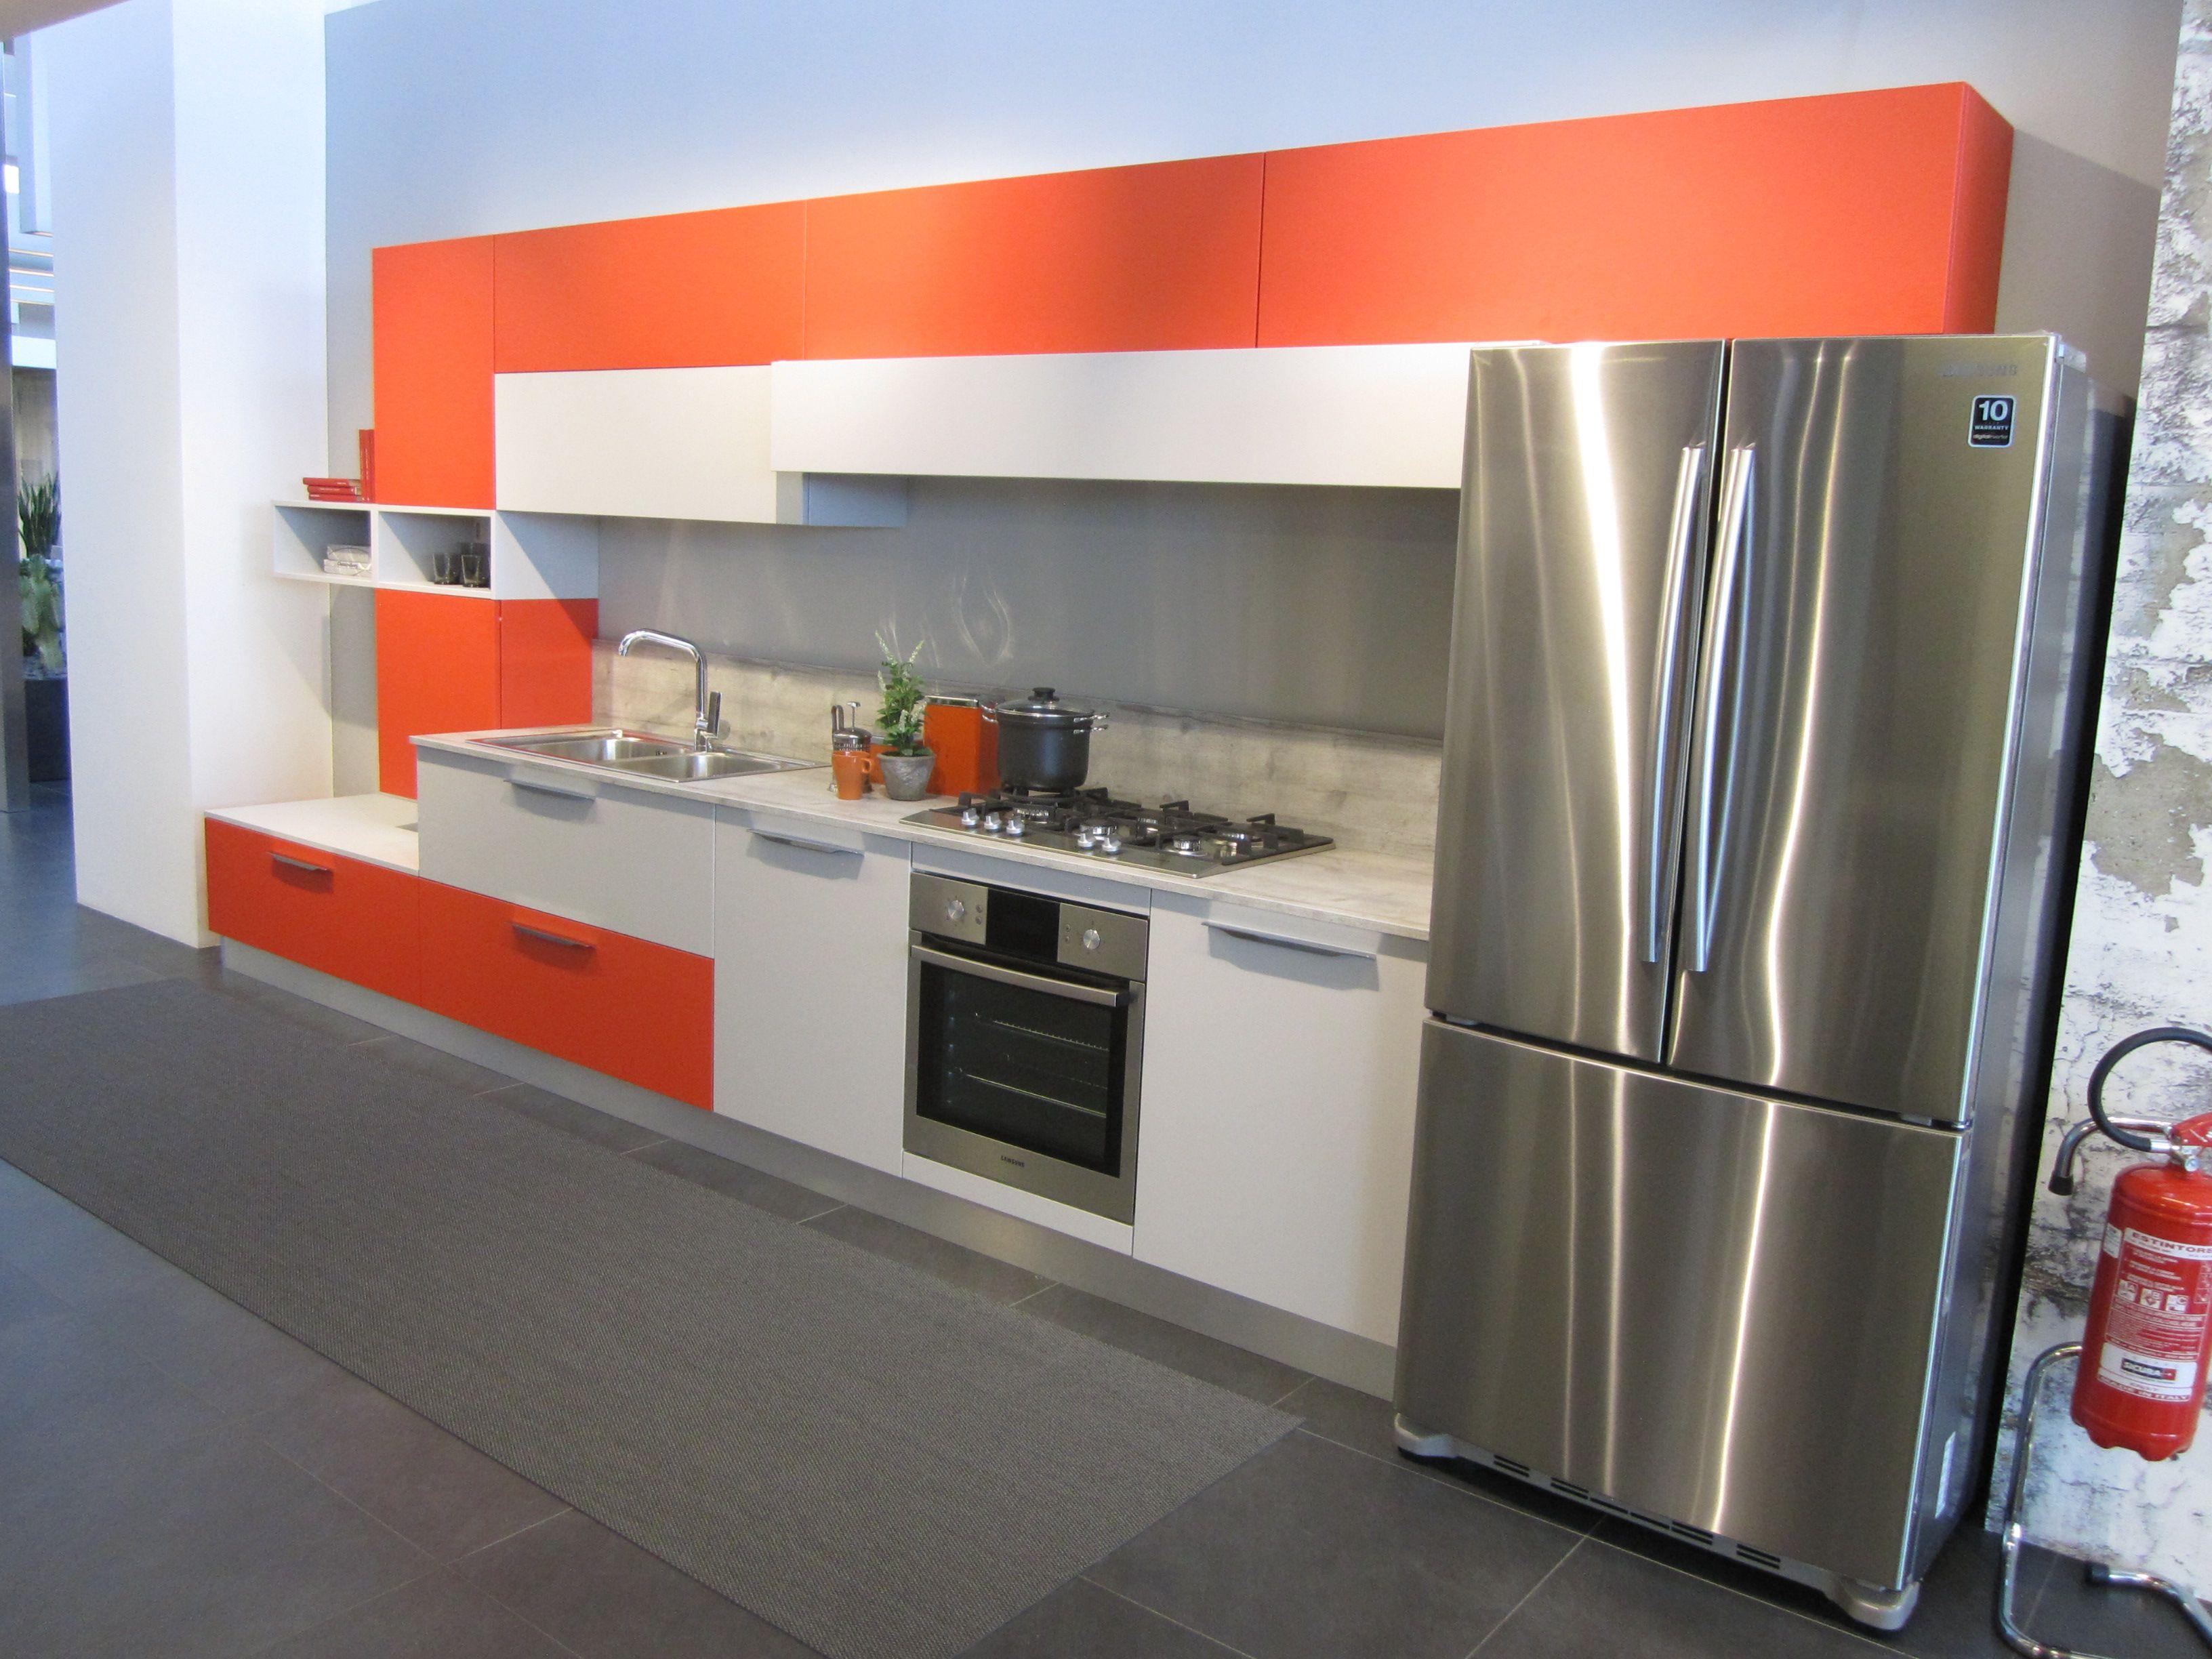 Gama de cocinas econ micas blunni dise o para todos los for Disenos de cocinas economicas